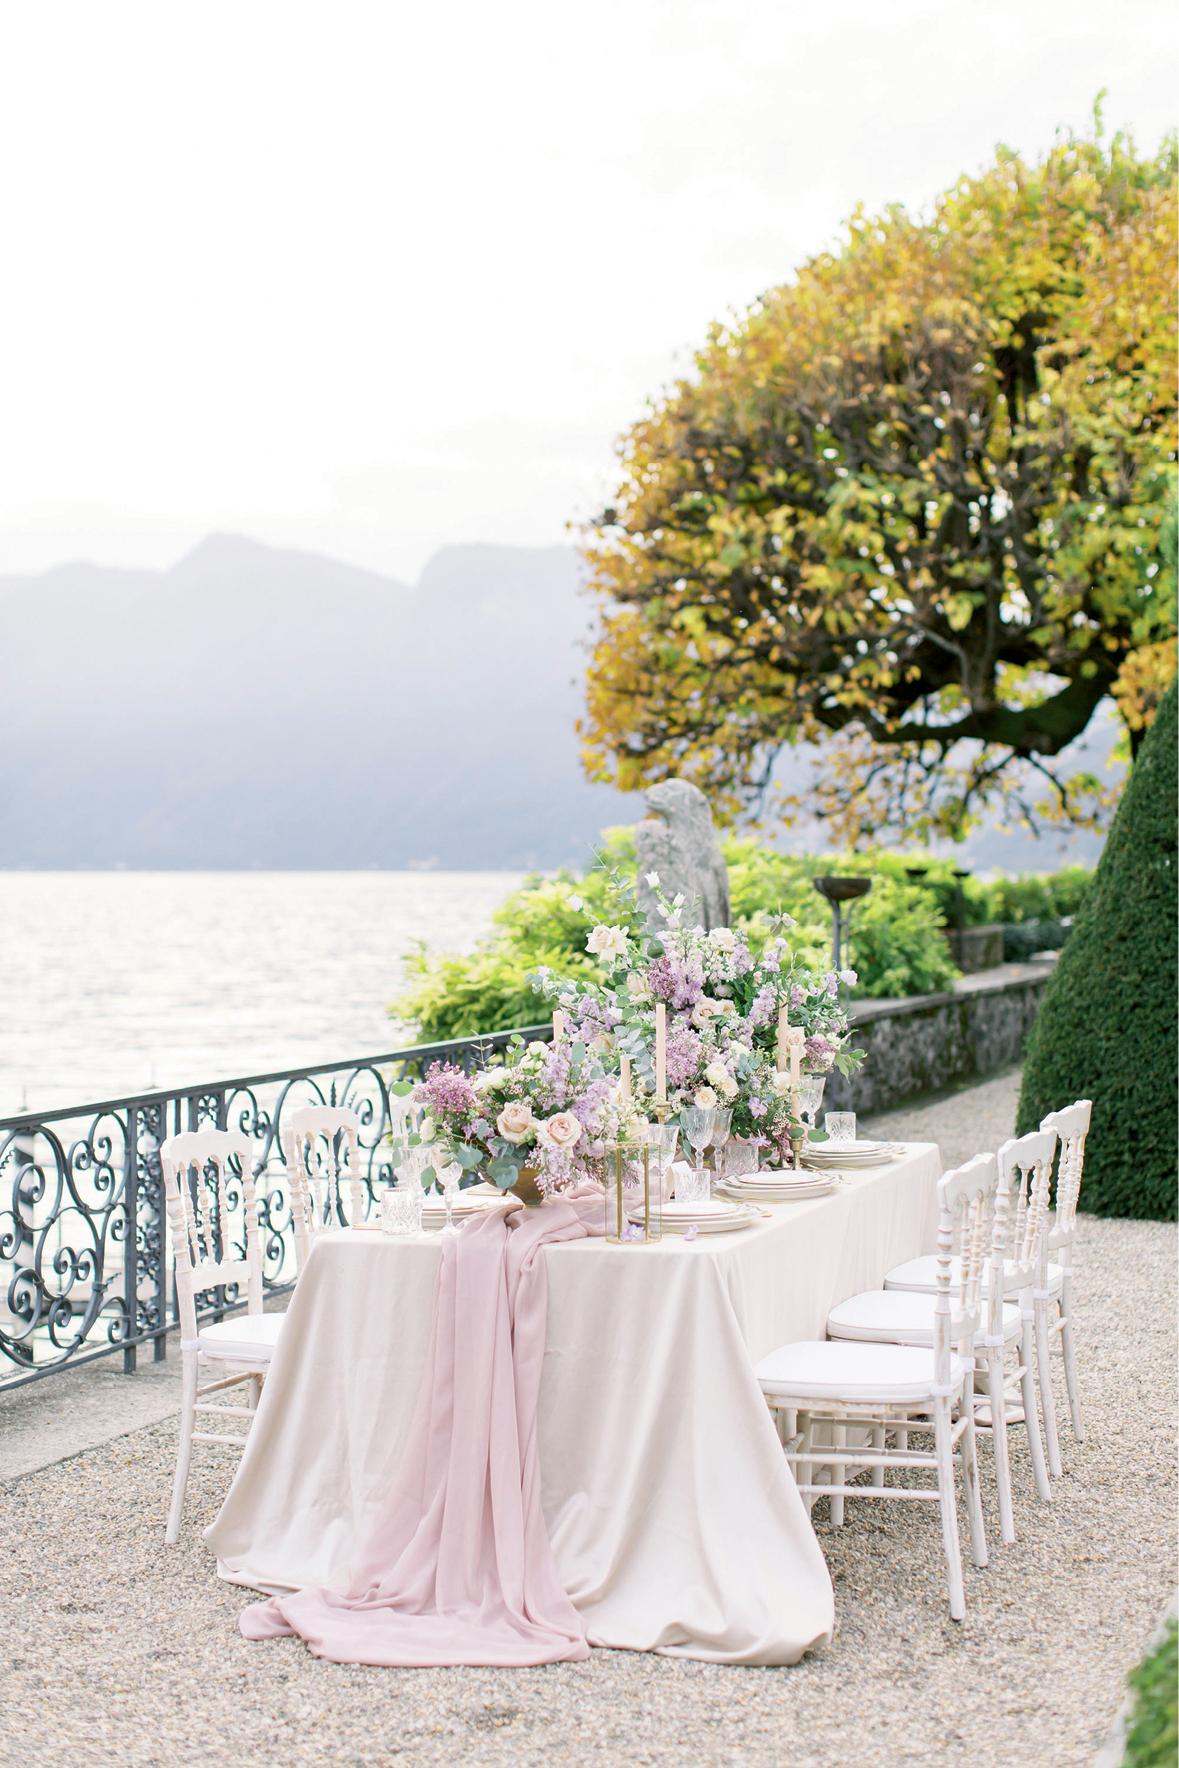 Cenário com um lago ao fundo e mesa montada para festa